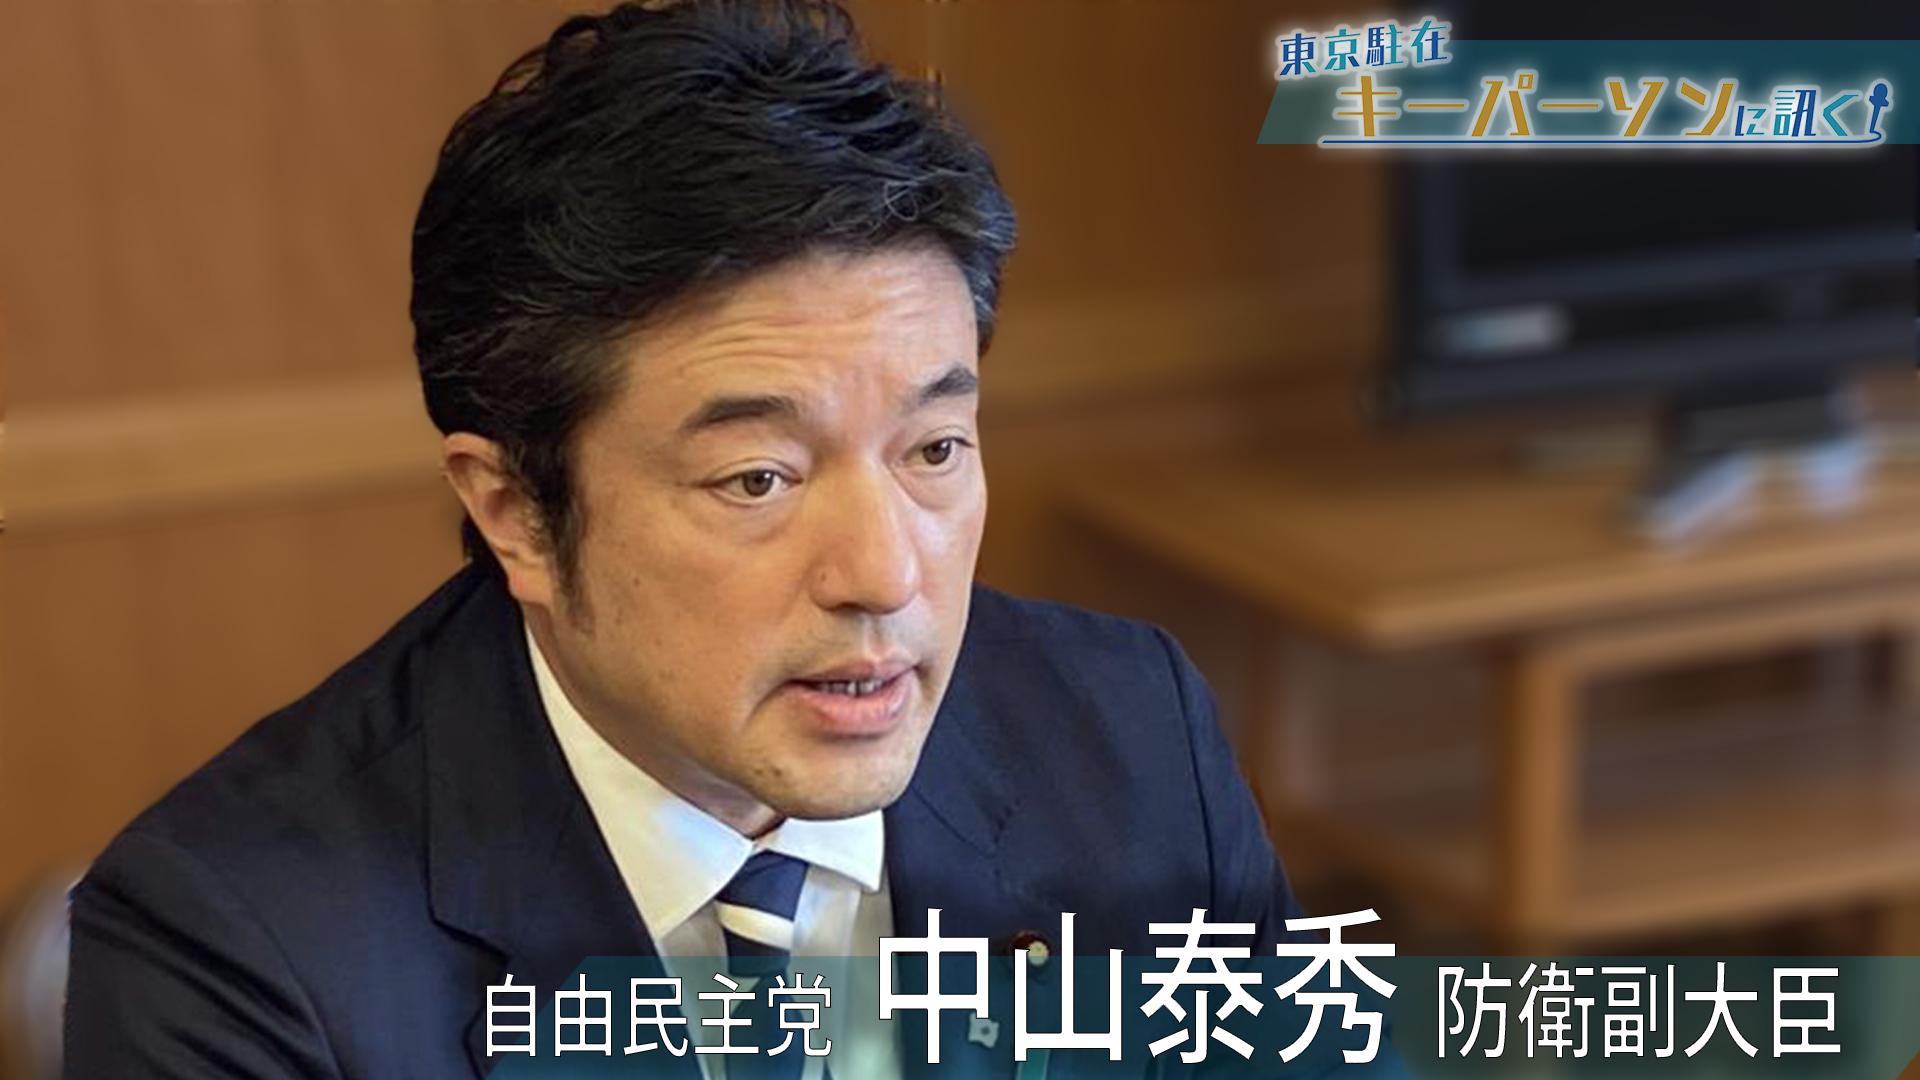 """中山防衛副大臣が語る「日本の防衛」 中国側から見たら…日本は""""障壁""""、弾道ミサイルは北朝鮮から大阪まで「約9分」"""